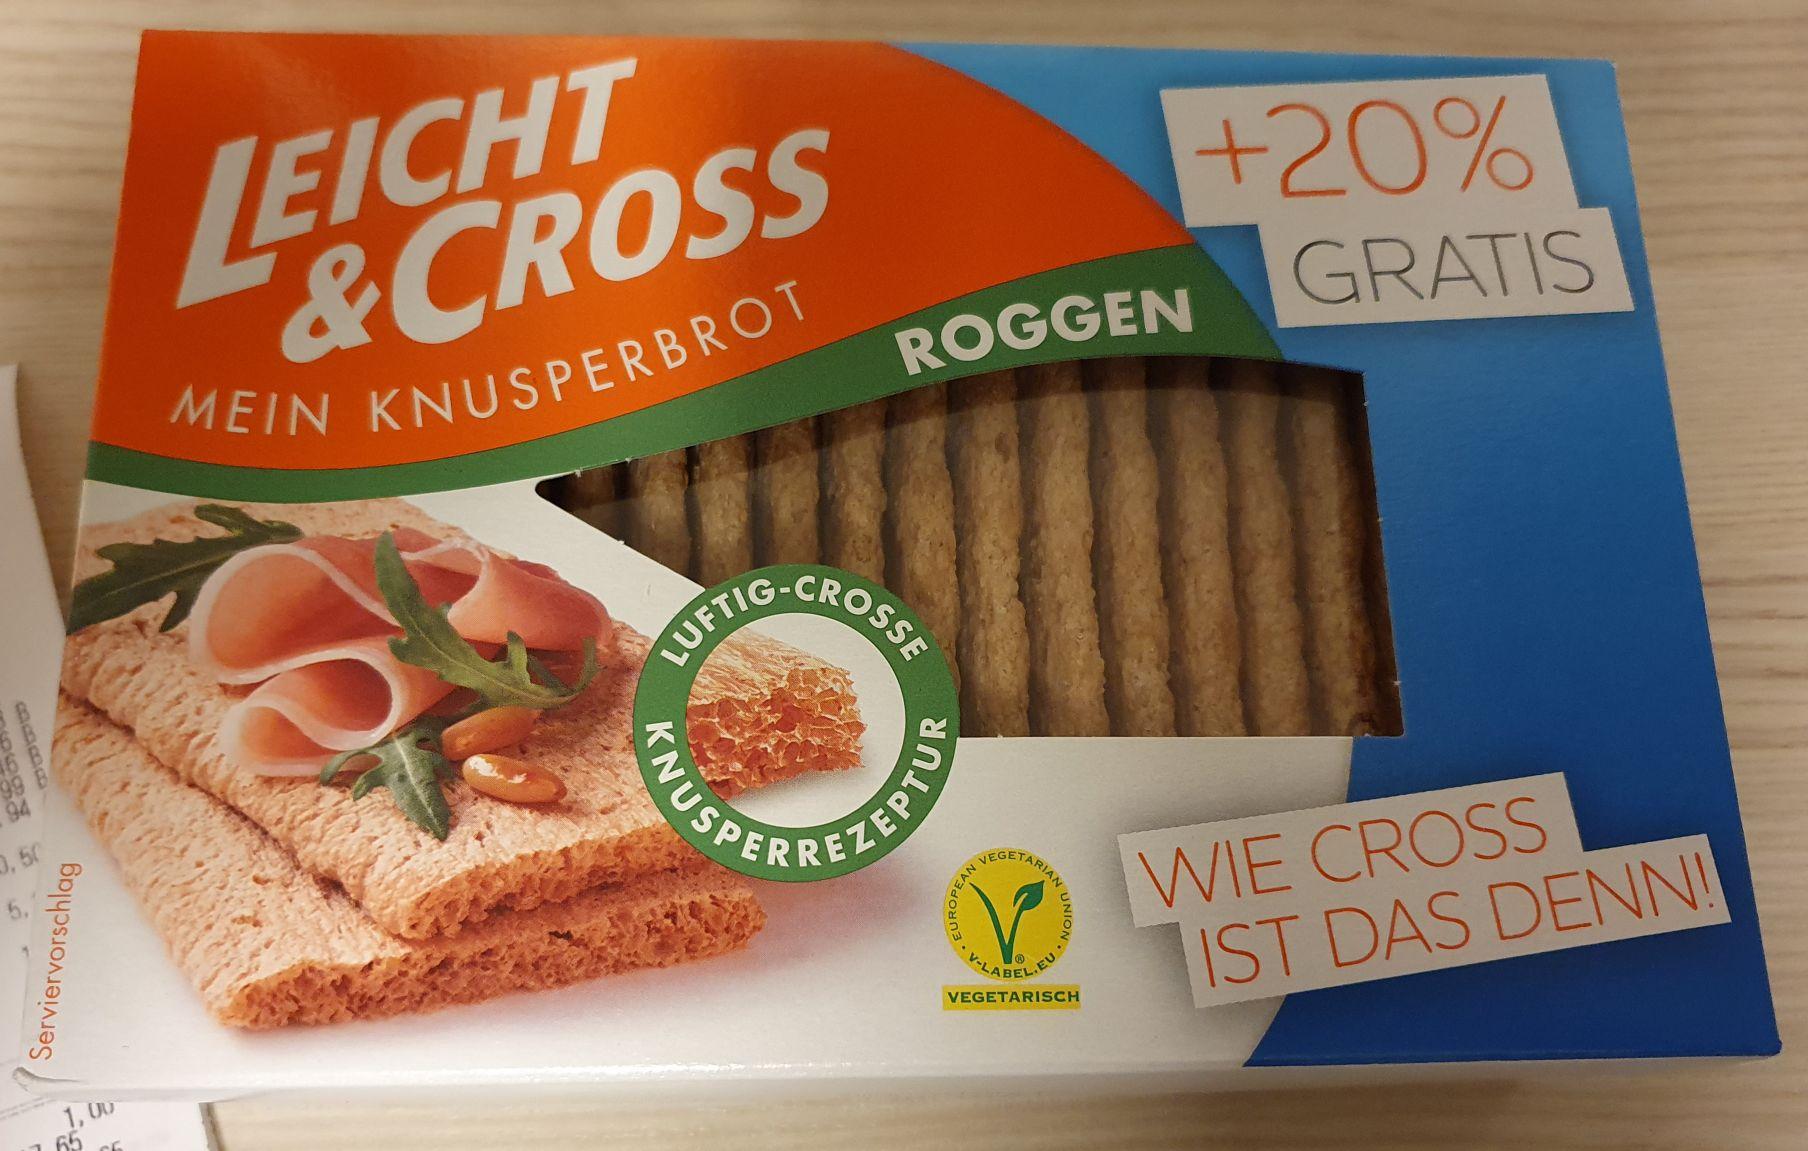 (Rewe) Leicht&Cross Roggen +20% Inhalt (150g statt 125g) für 0,78€ mit Marktguru Cashback effektiv 0,28€